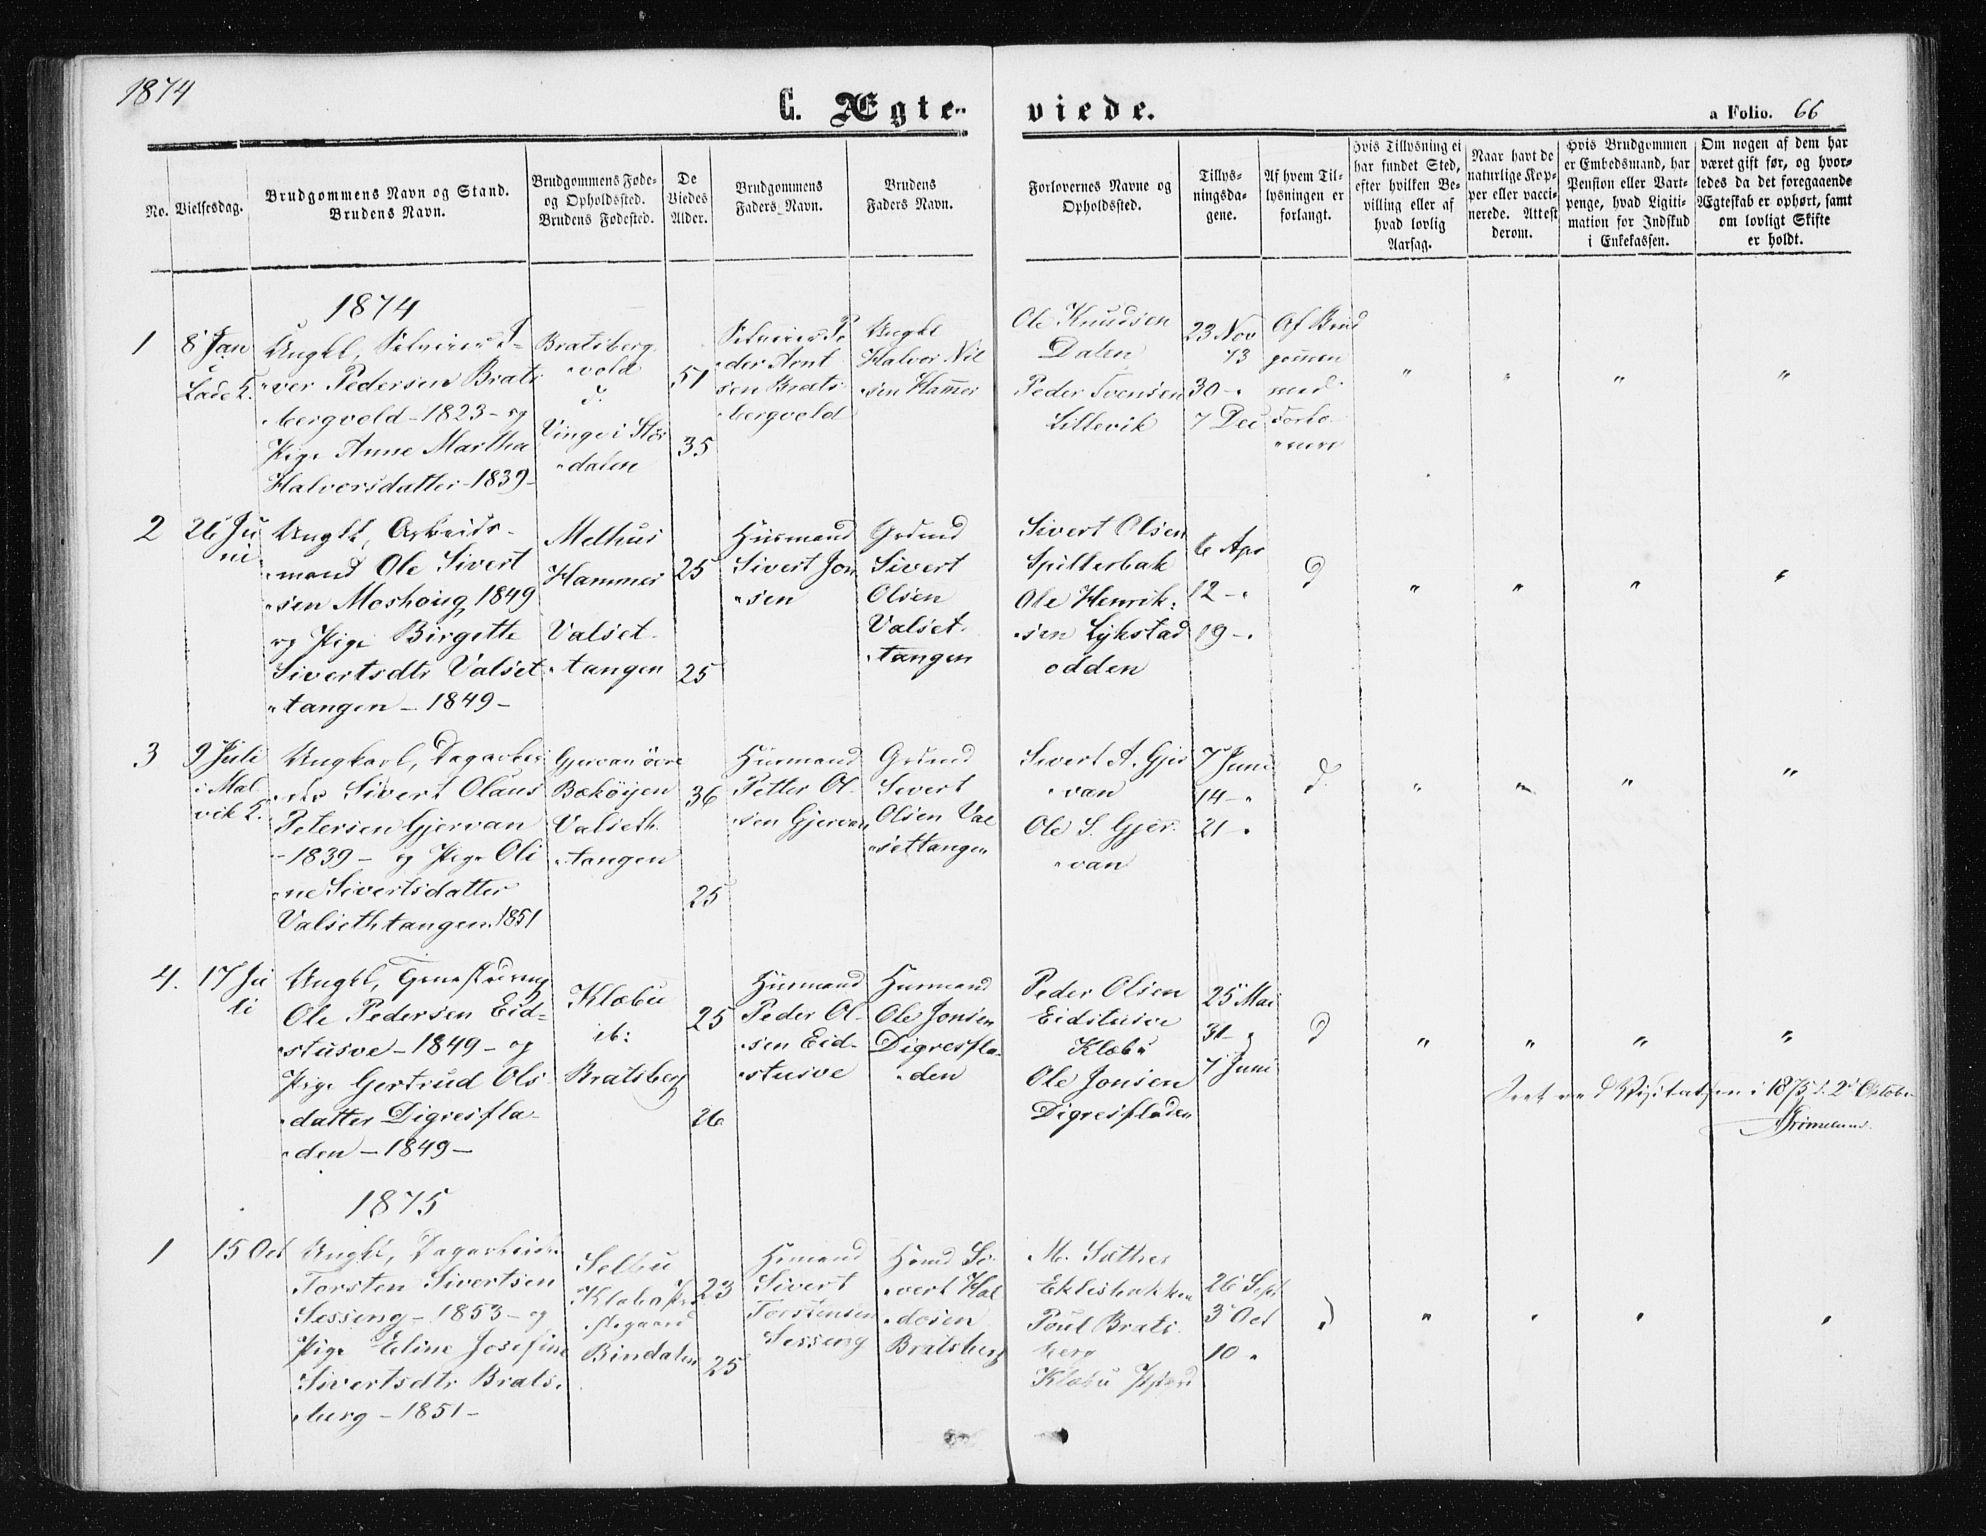 SAT, Ministerialprotokoller, klokkerbøker og fødselsregistre - Sør-Trøndelag, 608/L0333: Ministerialbok nr. 608A02, 1862-1876, s. 66